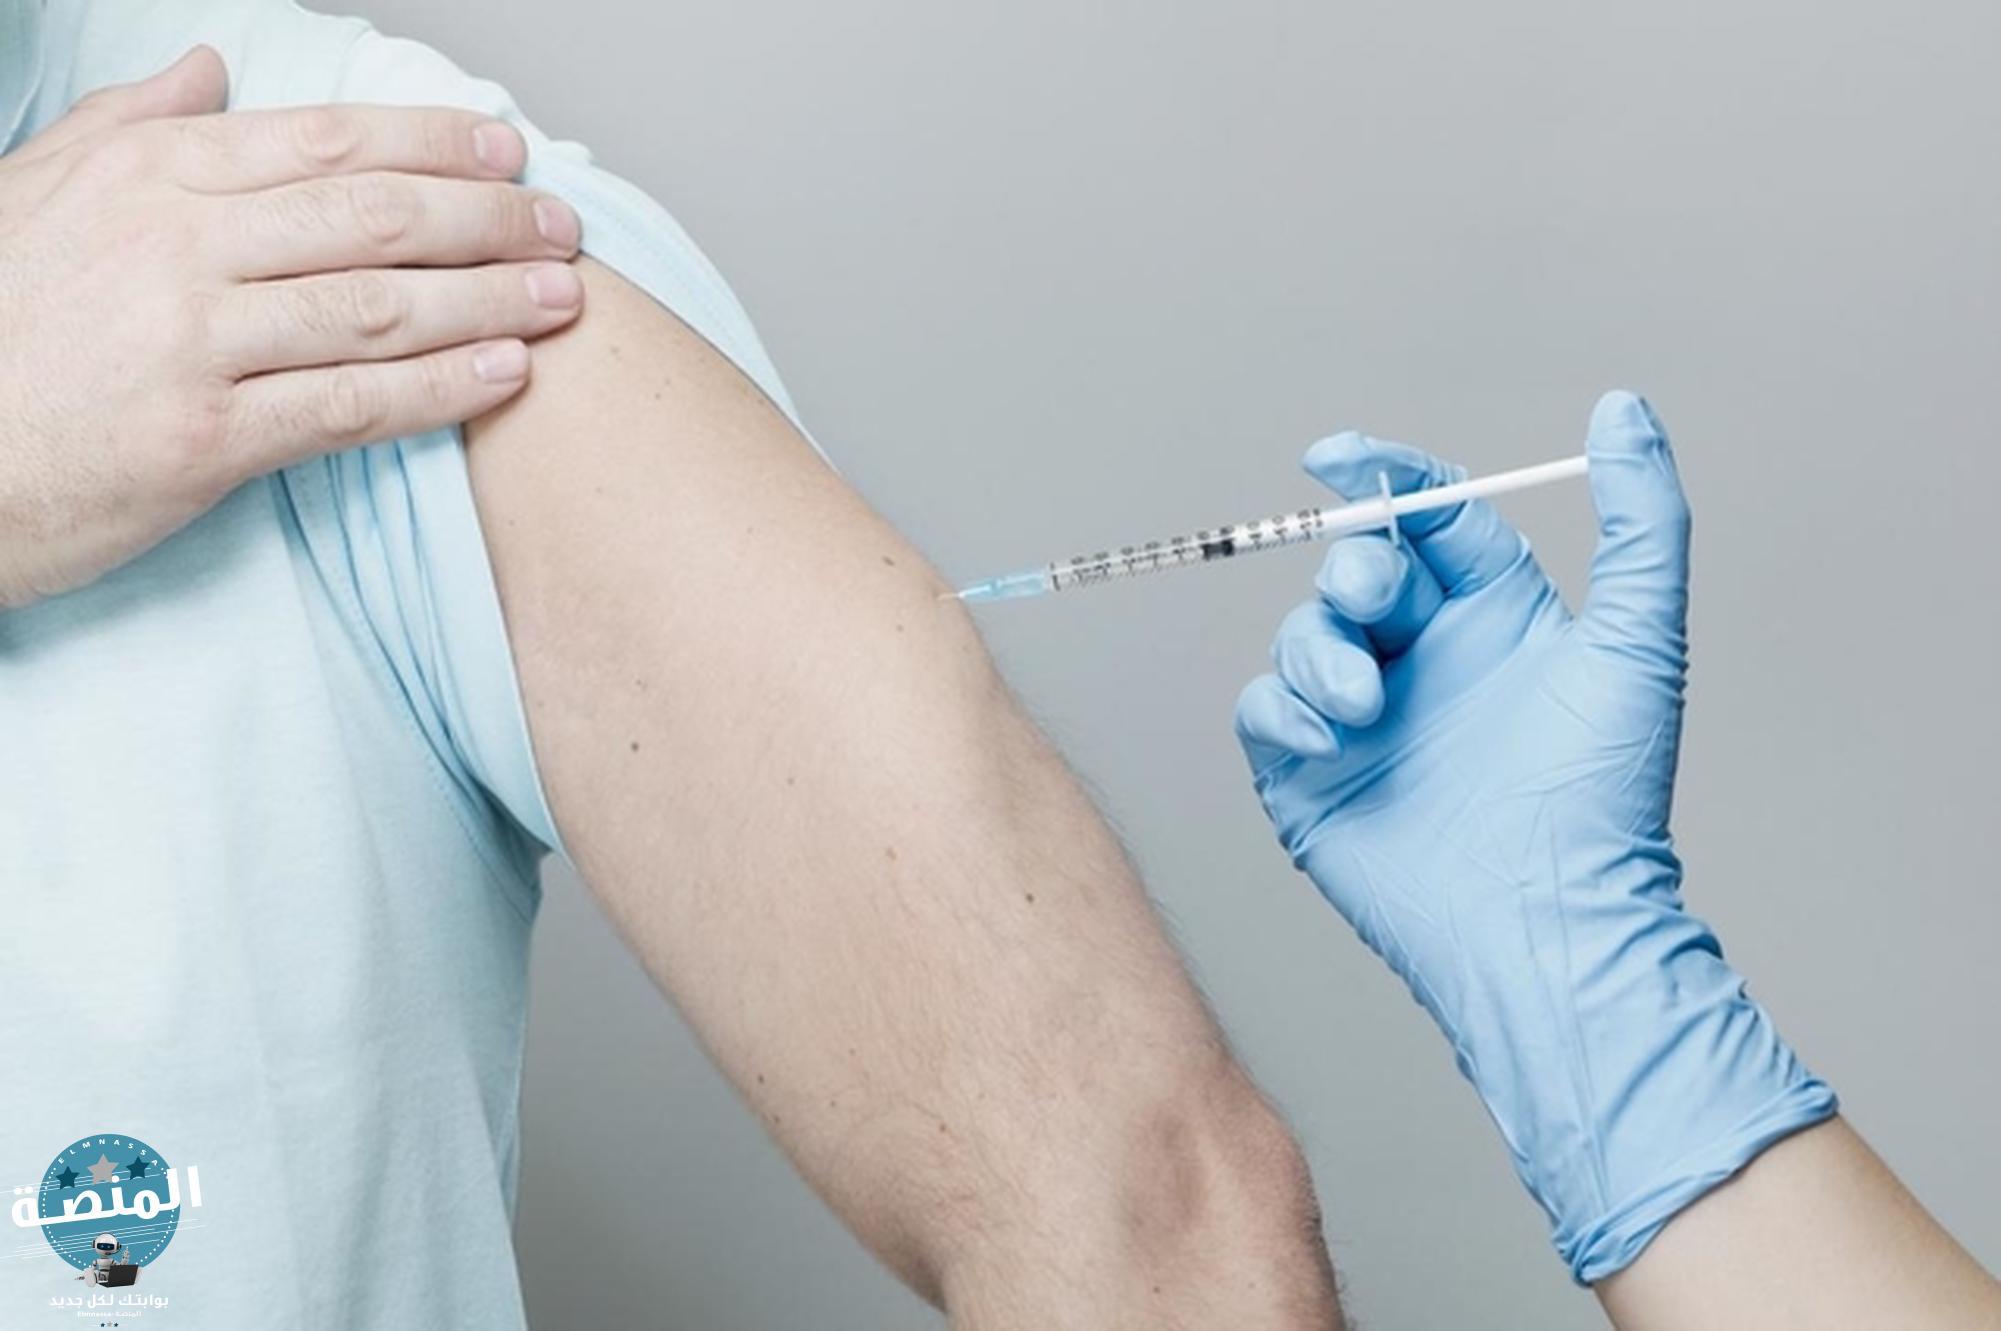 أسباب و مخاطر جرعة زائدة من الأنسولين